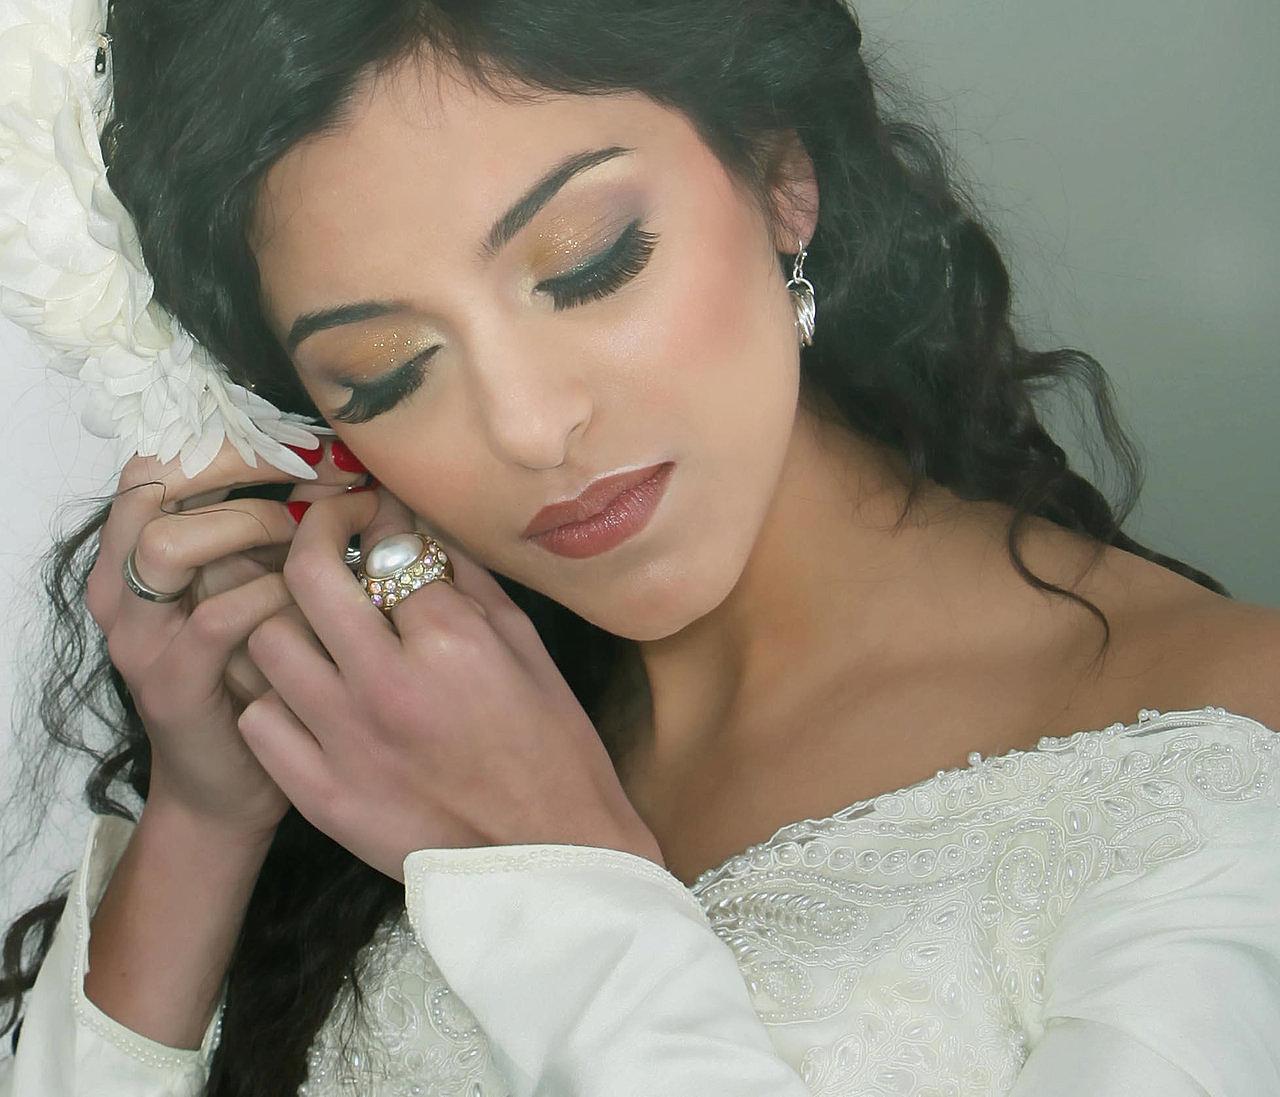 Bridal Makeup Artist London Brussels | Make Up Artist Courses London | Wedding Makeup Artist London